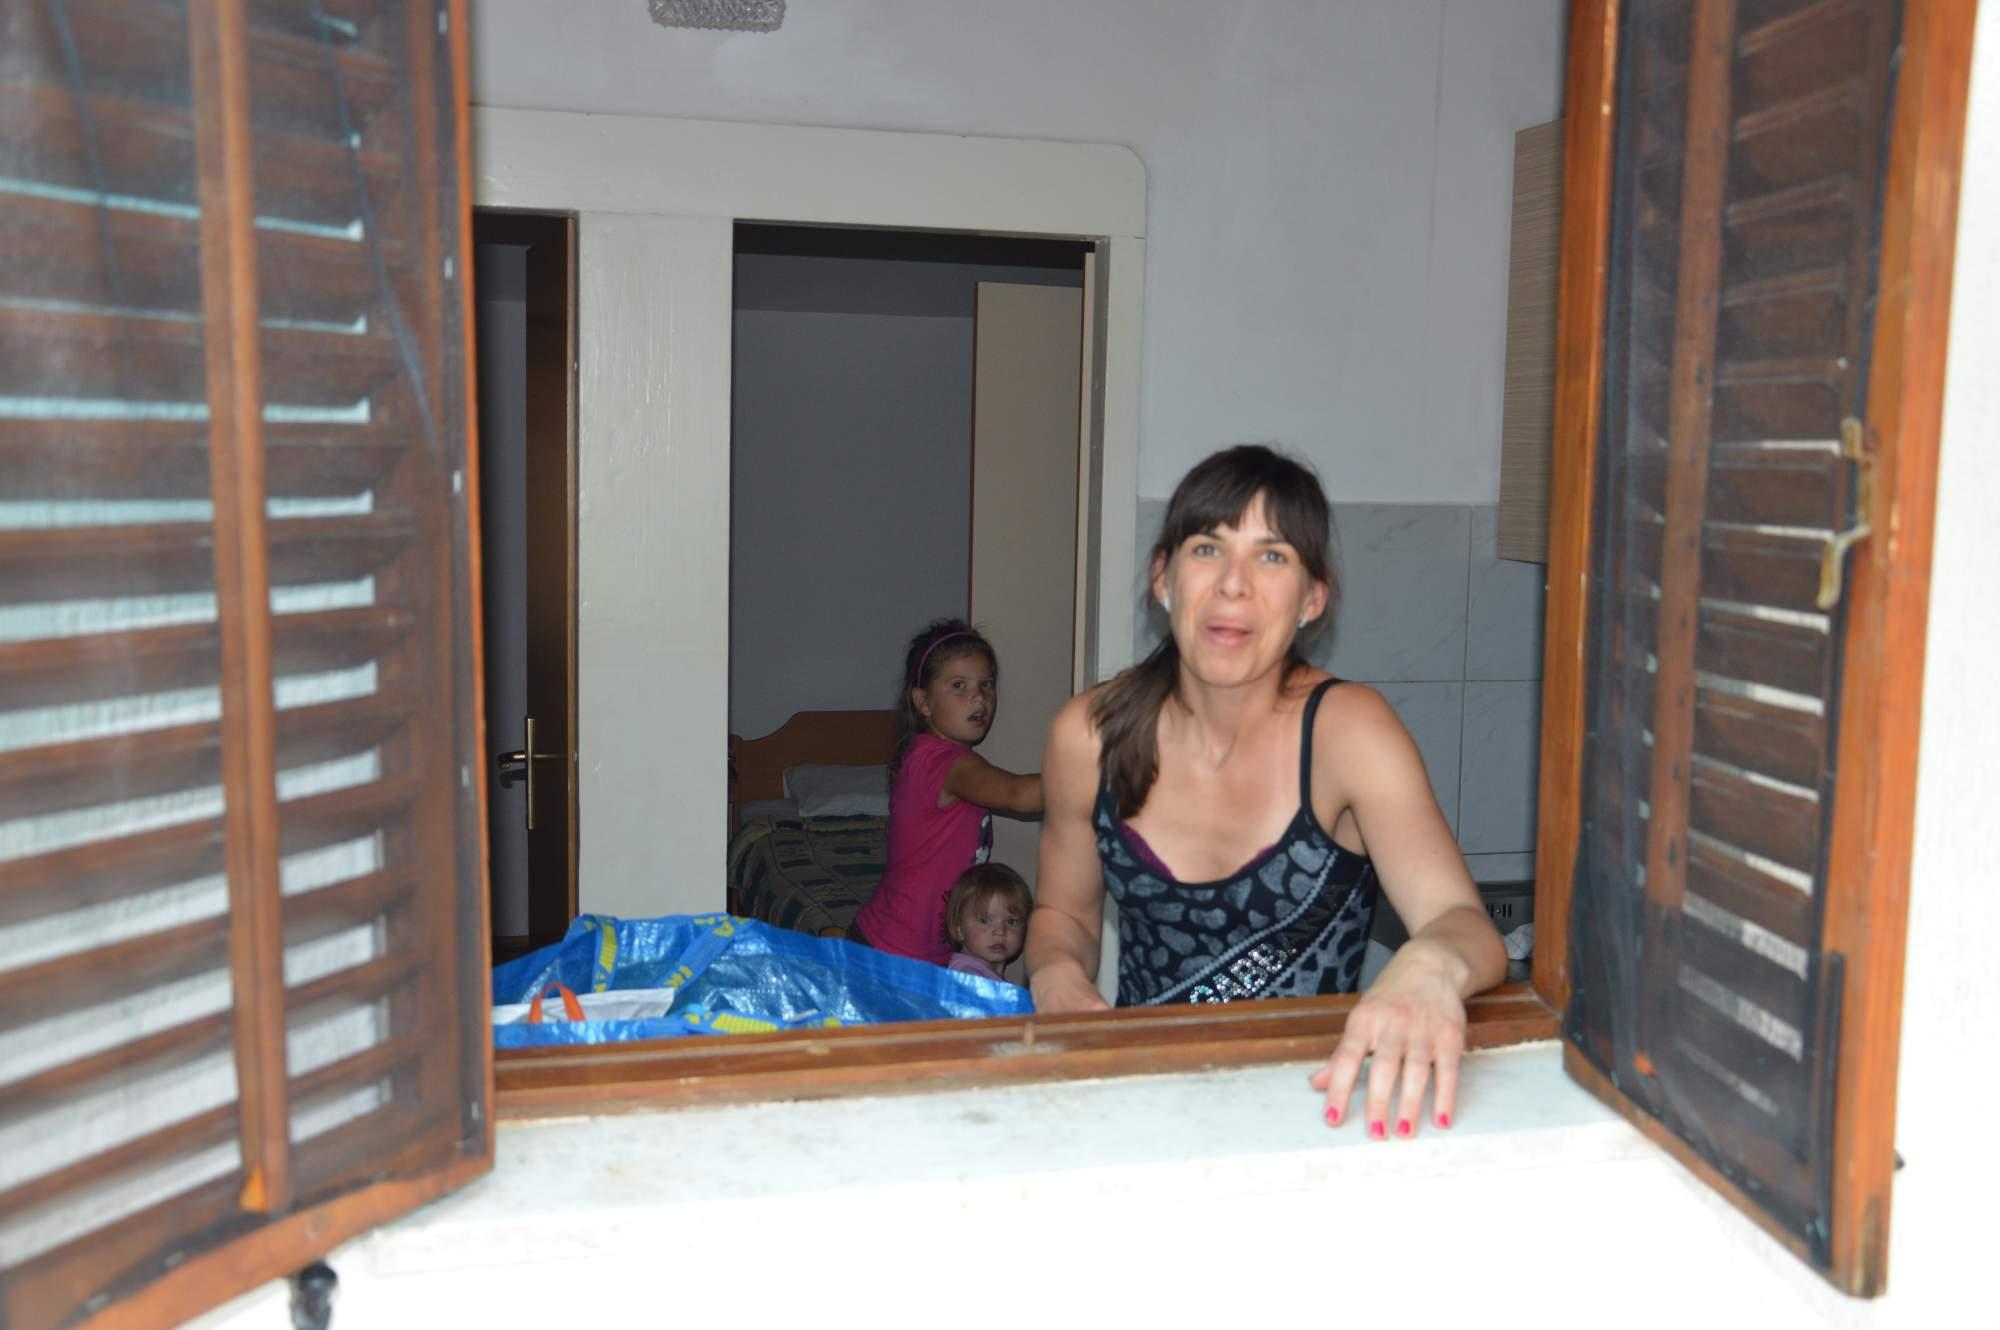 http://img19.rajce.idnes.cz/d1902/11/11369/11369498_ba1b1cc51aa2b100ecd01c05fe1b9075/images/DSC_0681.jpg